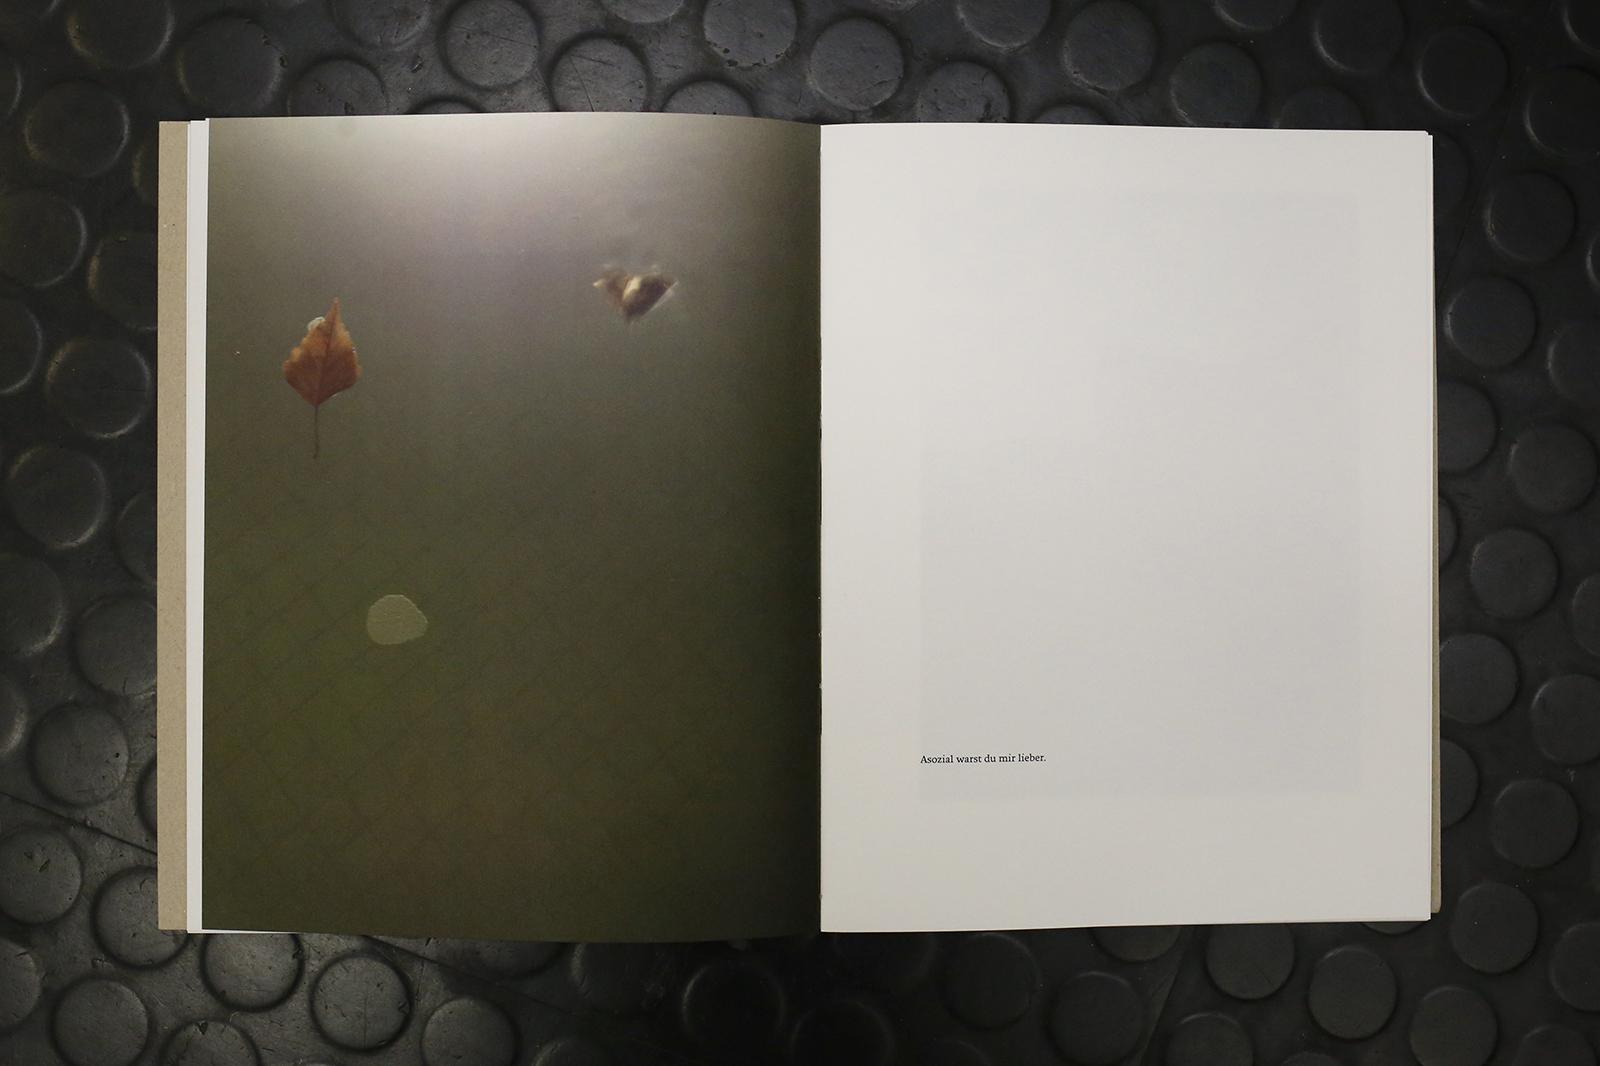 Es regnet Voegel – Stephanie Neumann 7